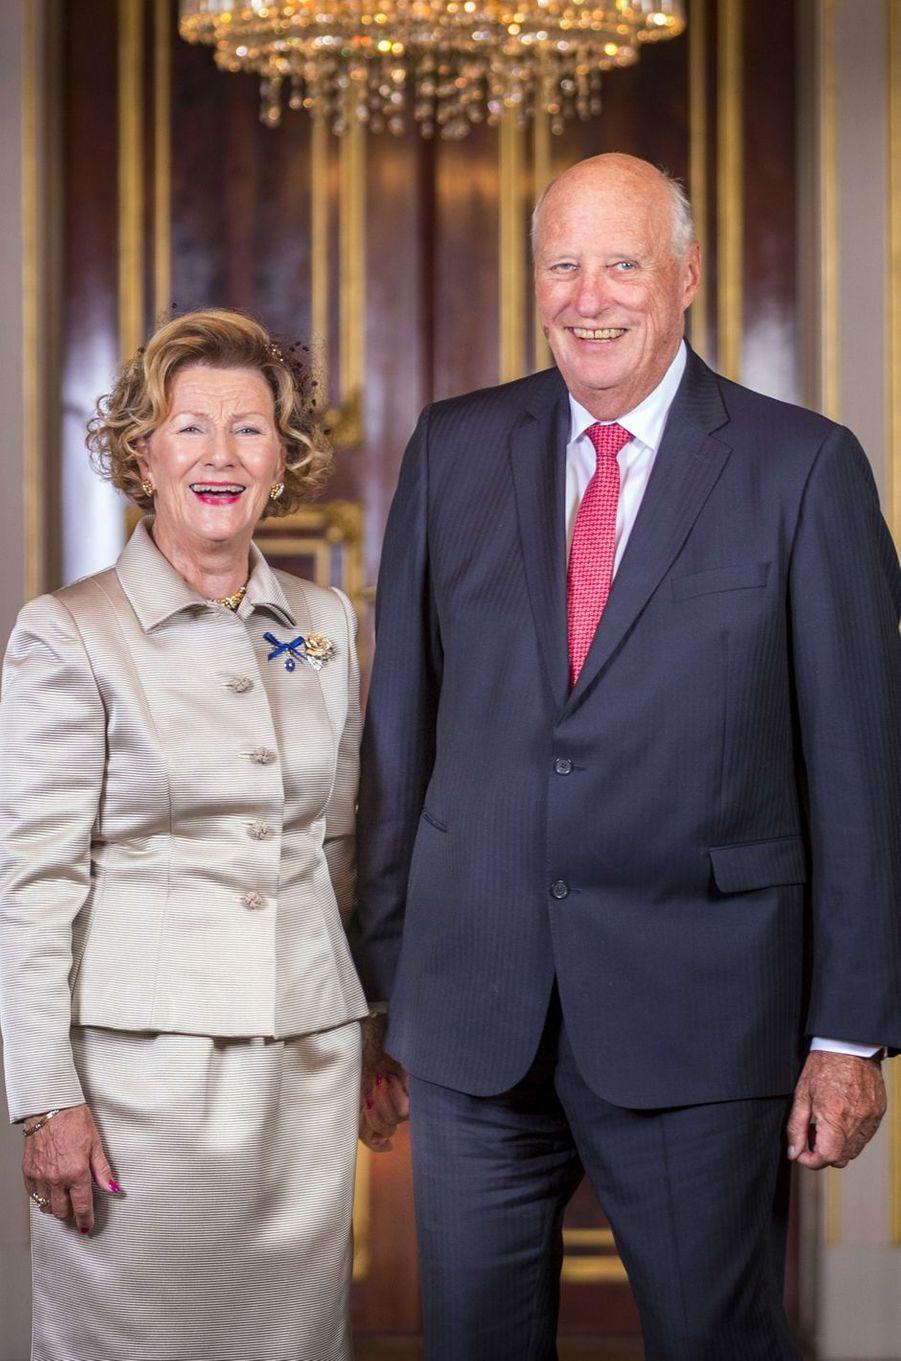 La reine Sonja et le roi Harald V de Norvège au Palais royal à Oslo, le 29 août 2018, jour de leurs noces d'or